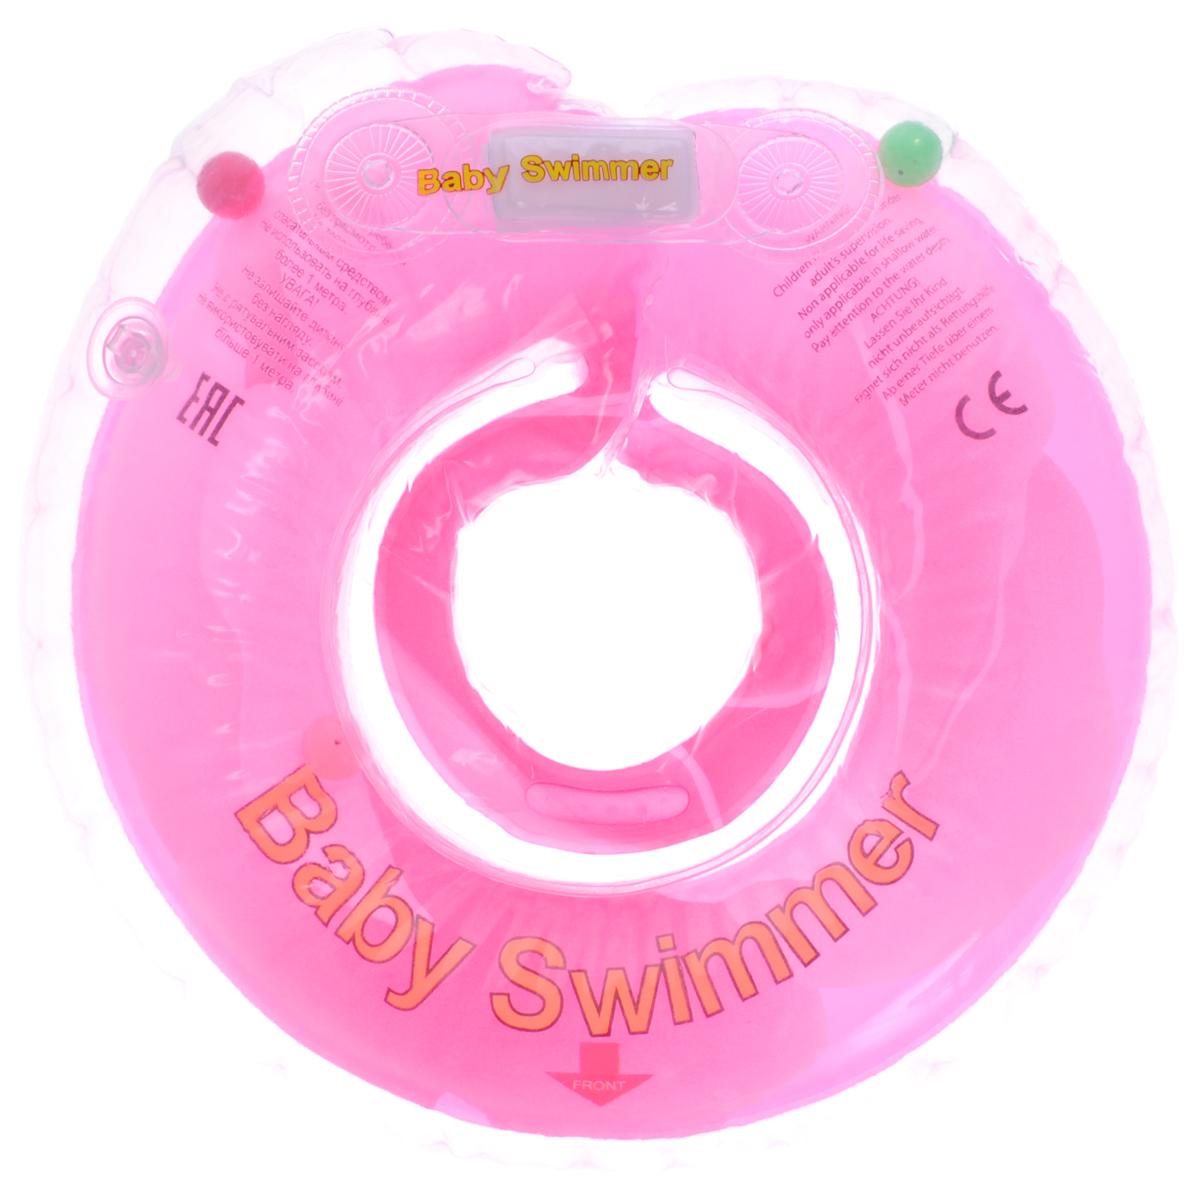 Baby Swimmer Круг на шею Розовый бутон с погремушкой 6-36 кг -  Все для купания